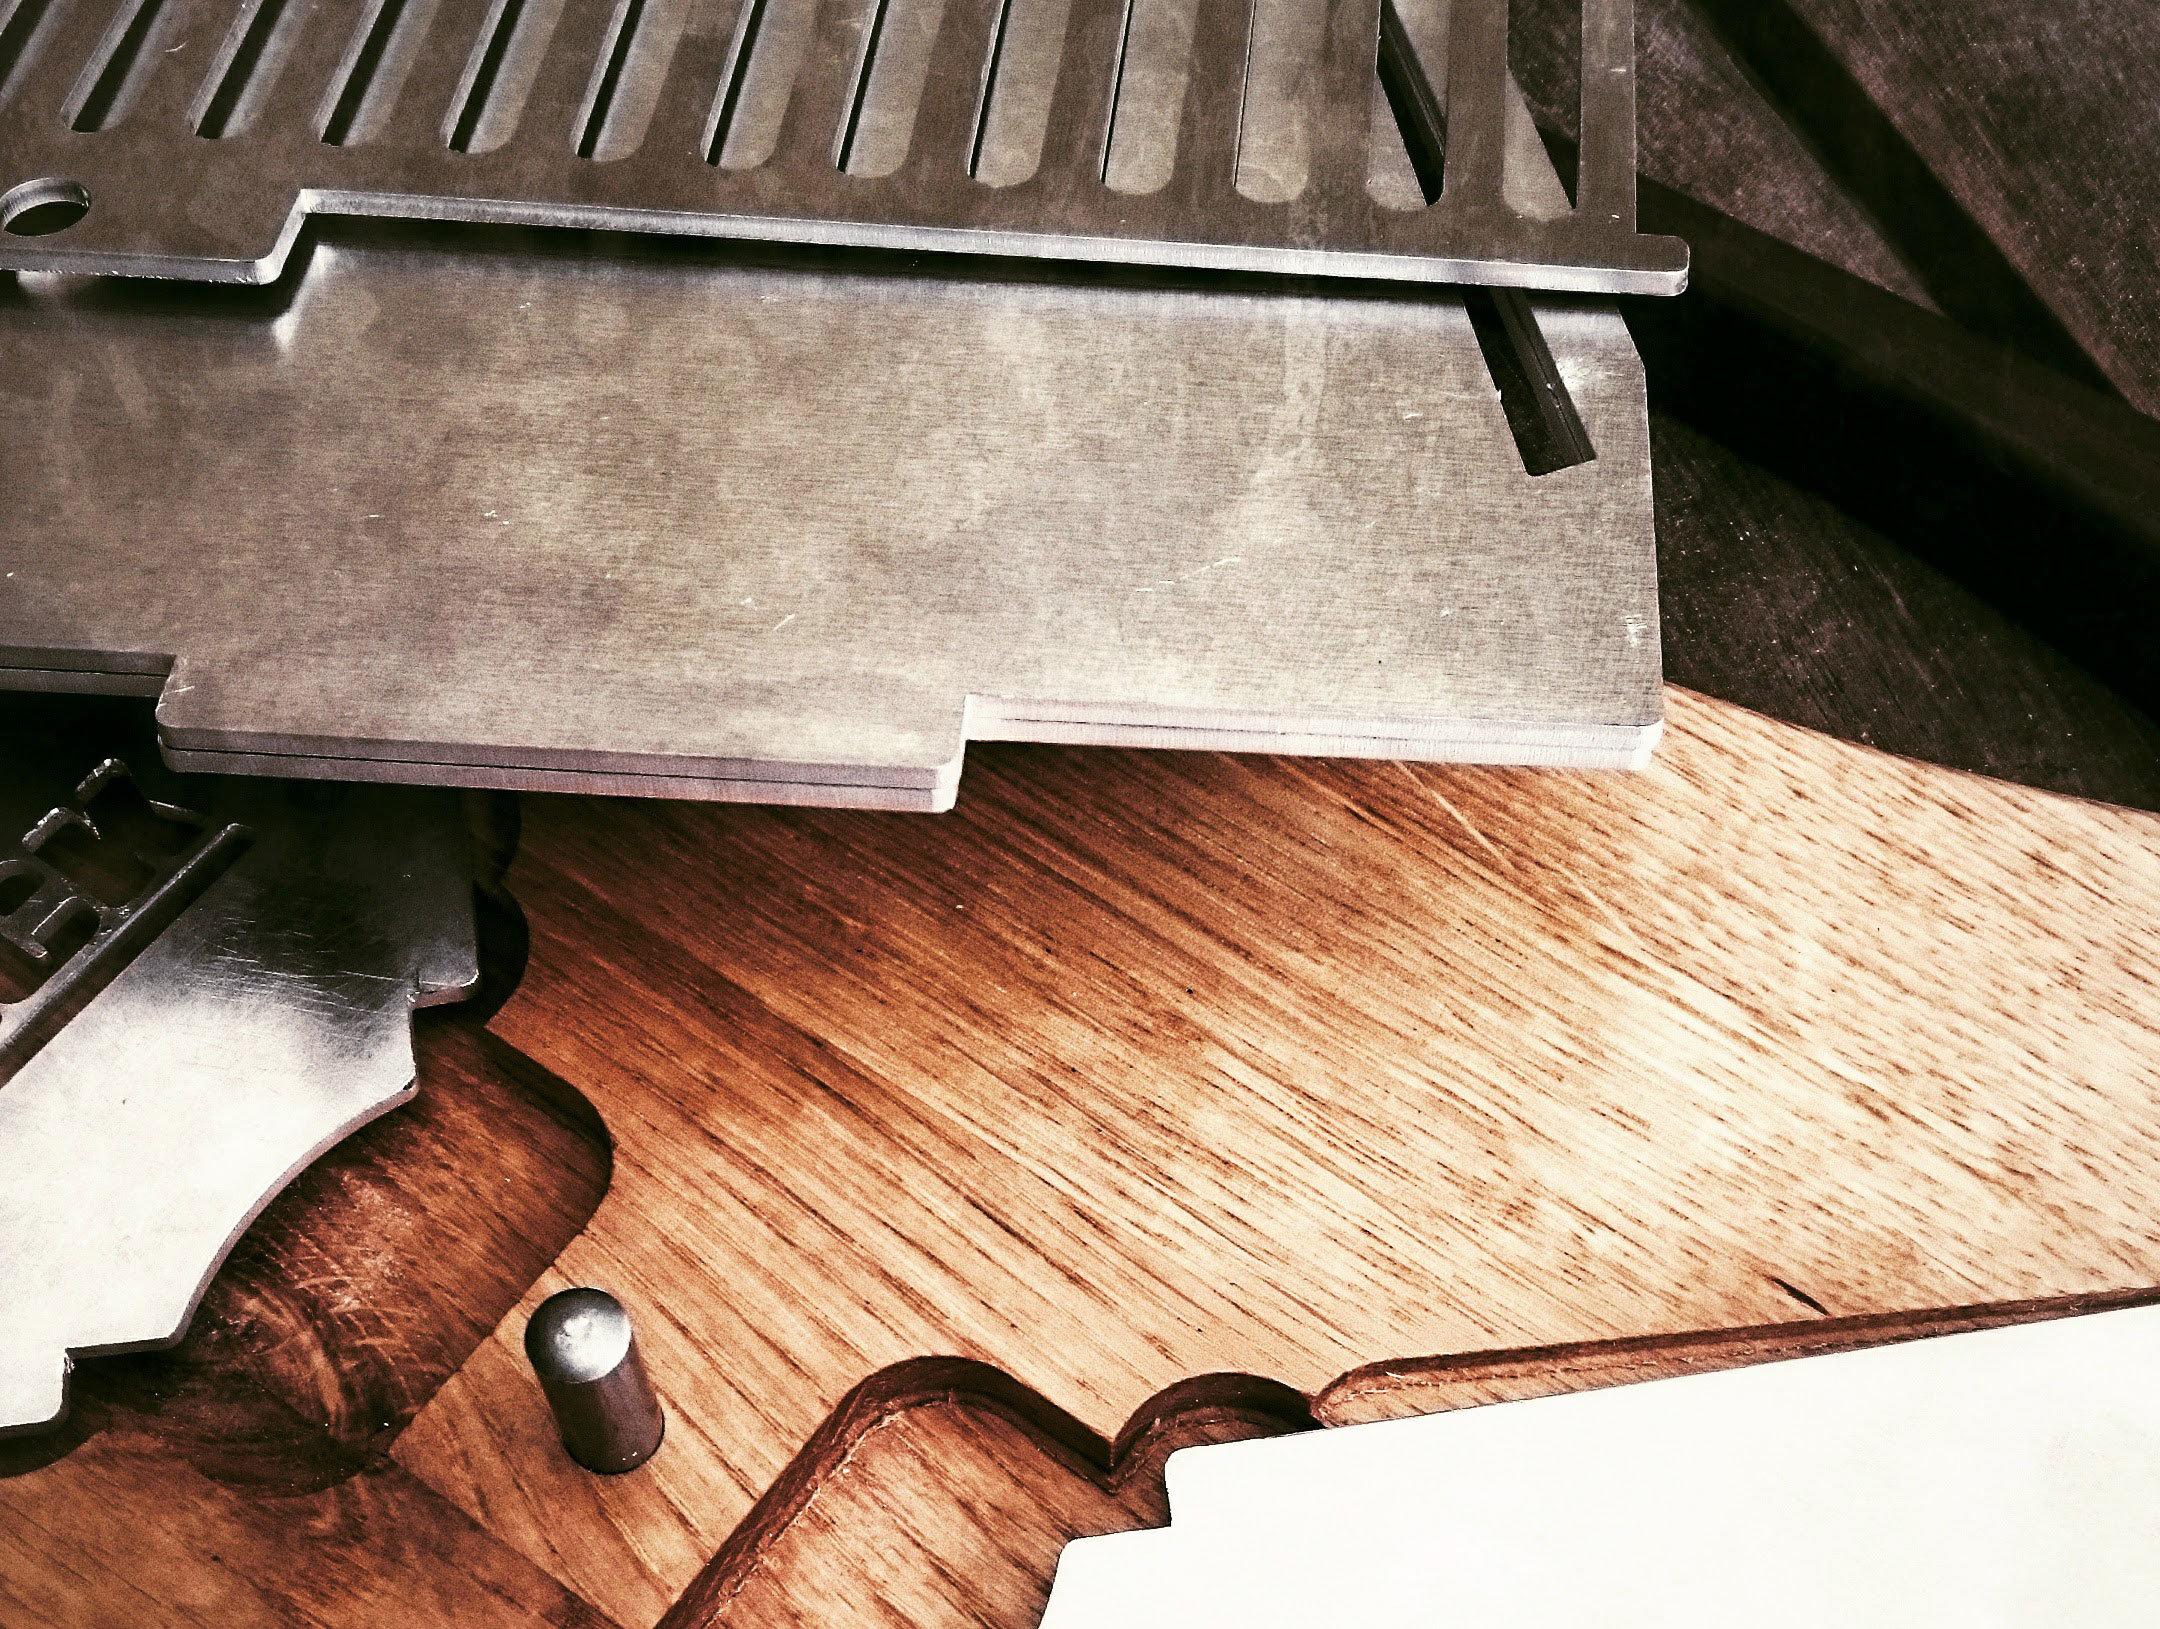 Edelstahlgrill-Teile in den Holzplatten